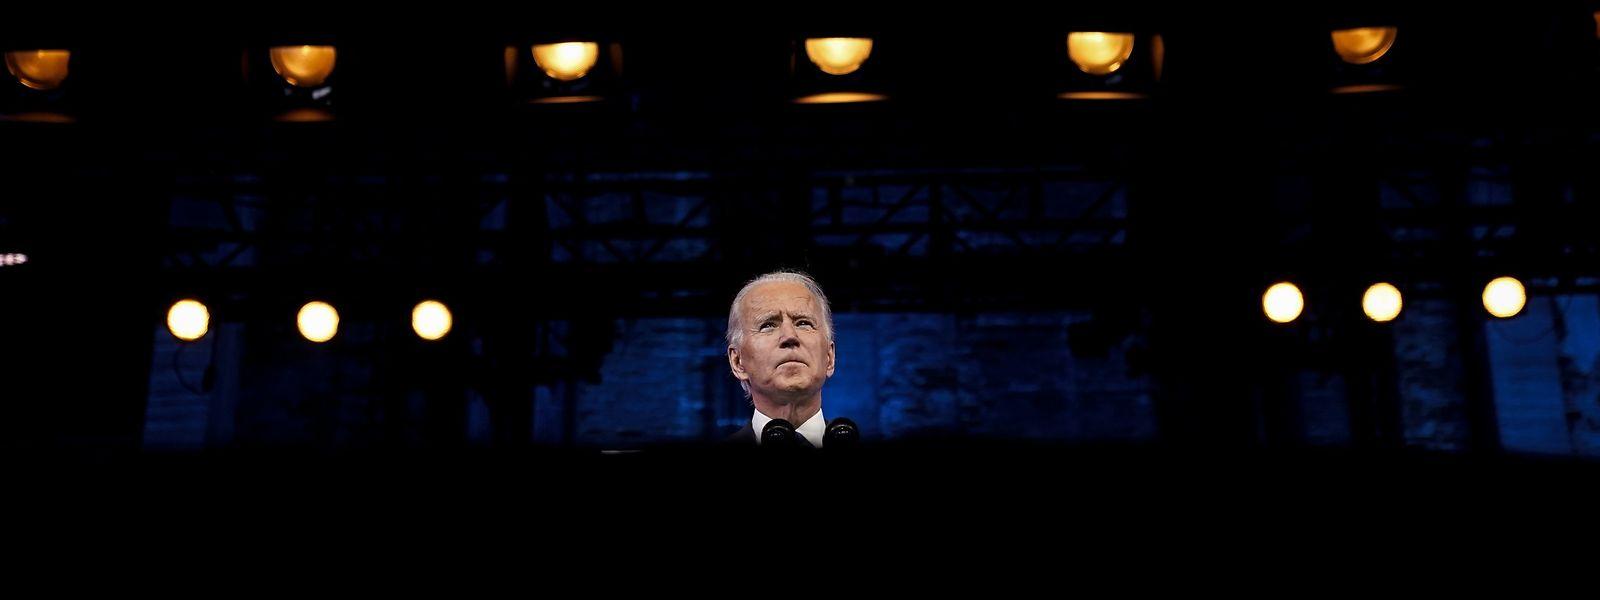 Der gewählte Präsident Joe Biden bei seiner Ansprache am 14. Dezember nach der Bestätigung seiner Wahl durch das Electoral College.